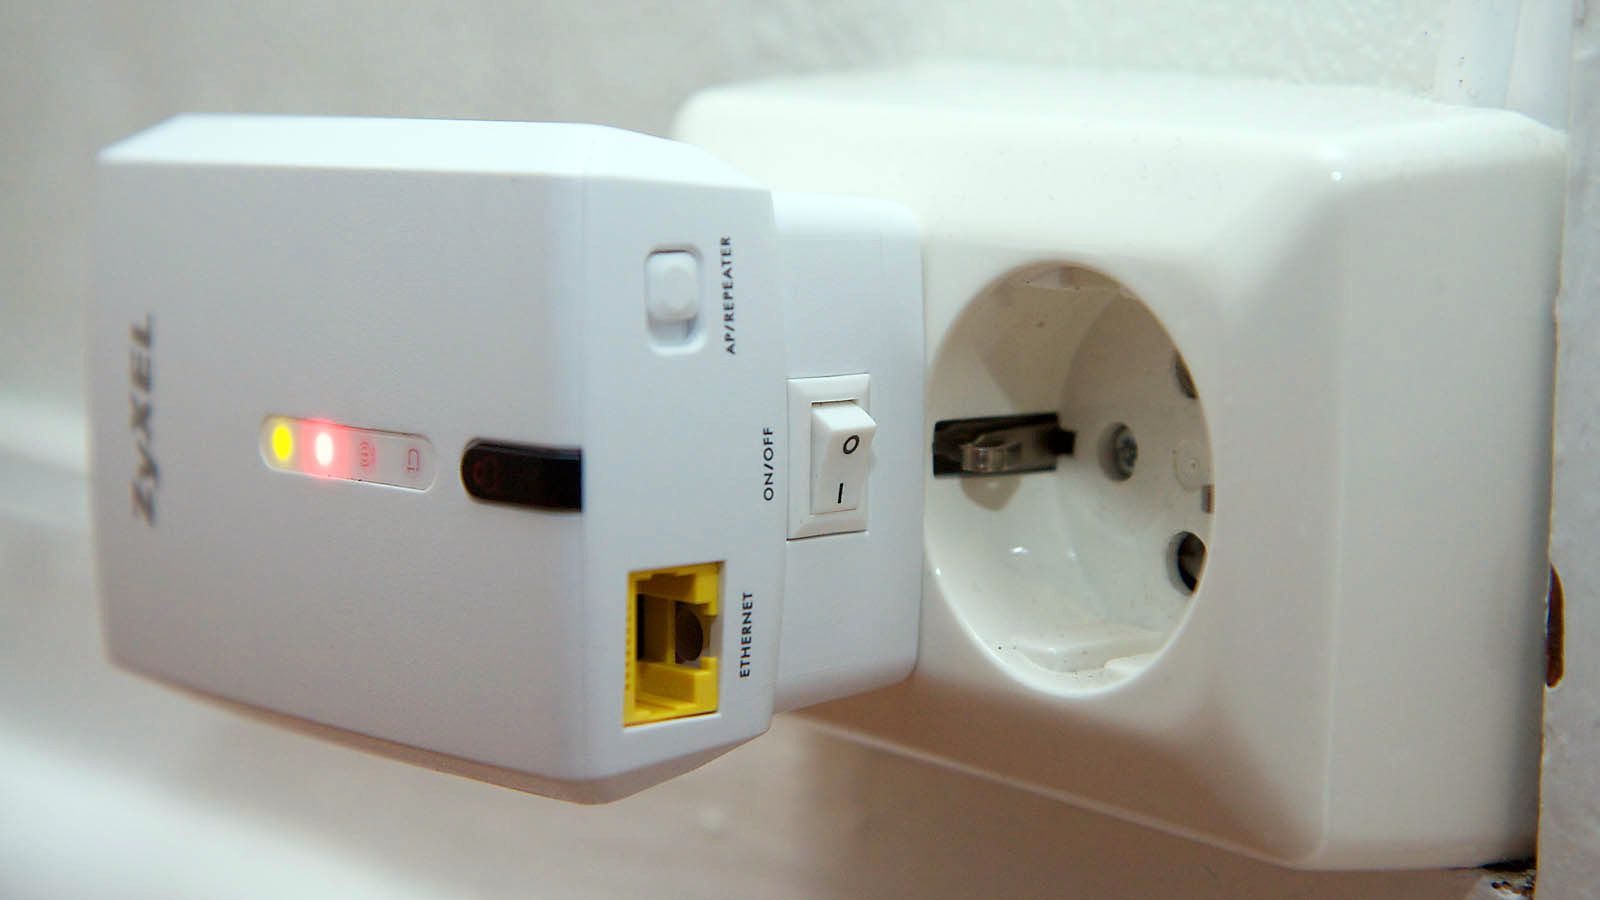 På den ene siden finner du en Ethernet-kontakt, en bryter for å veksle mellom aksesspunkt- eller repeater-modus, samt en av- og på-bryter. .Foto: Kurt Lekanger